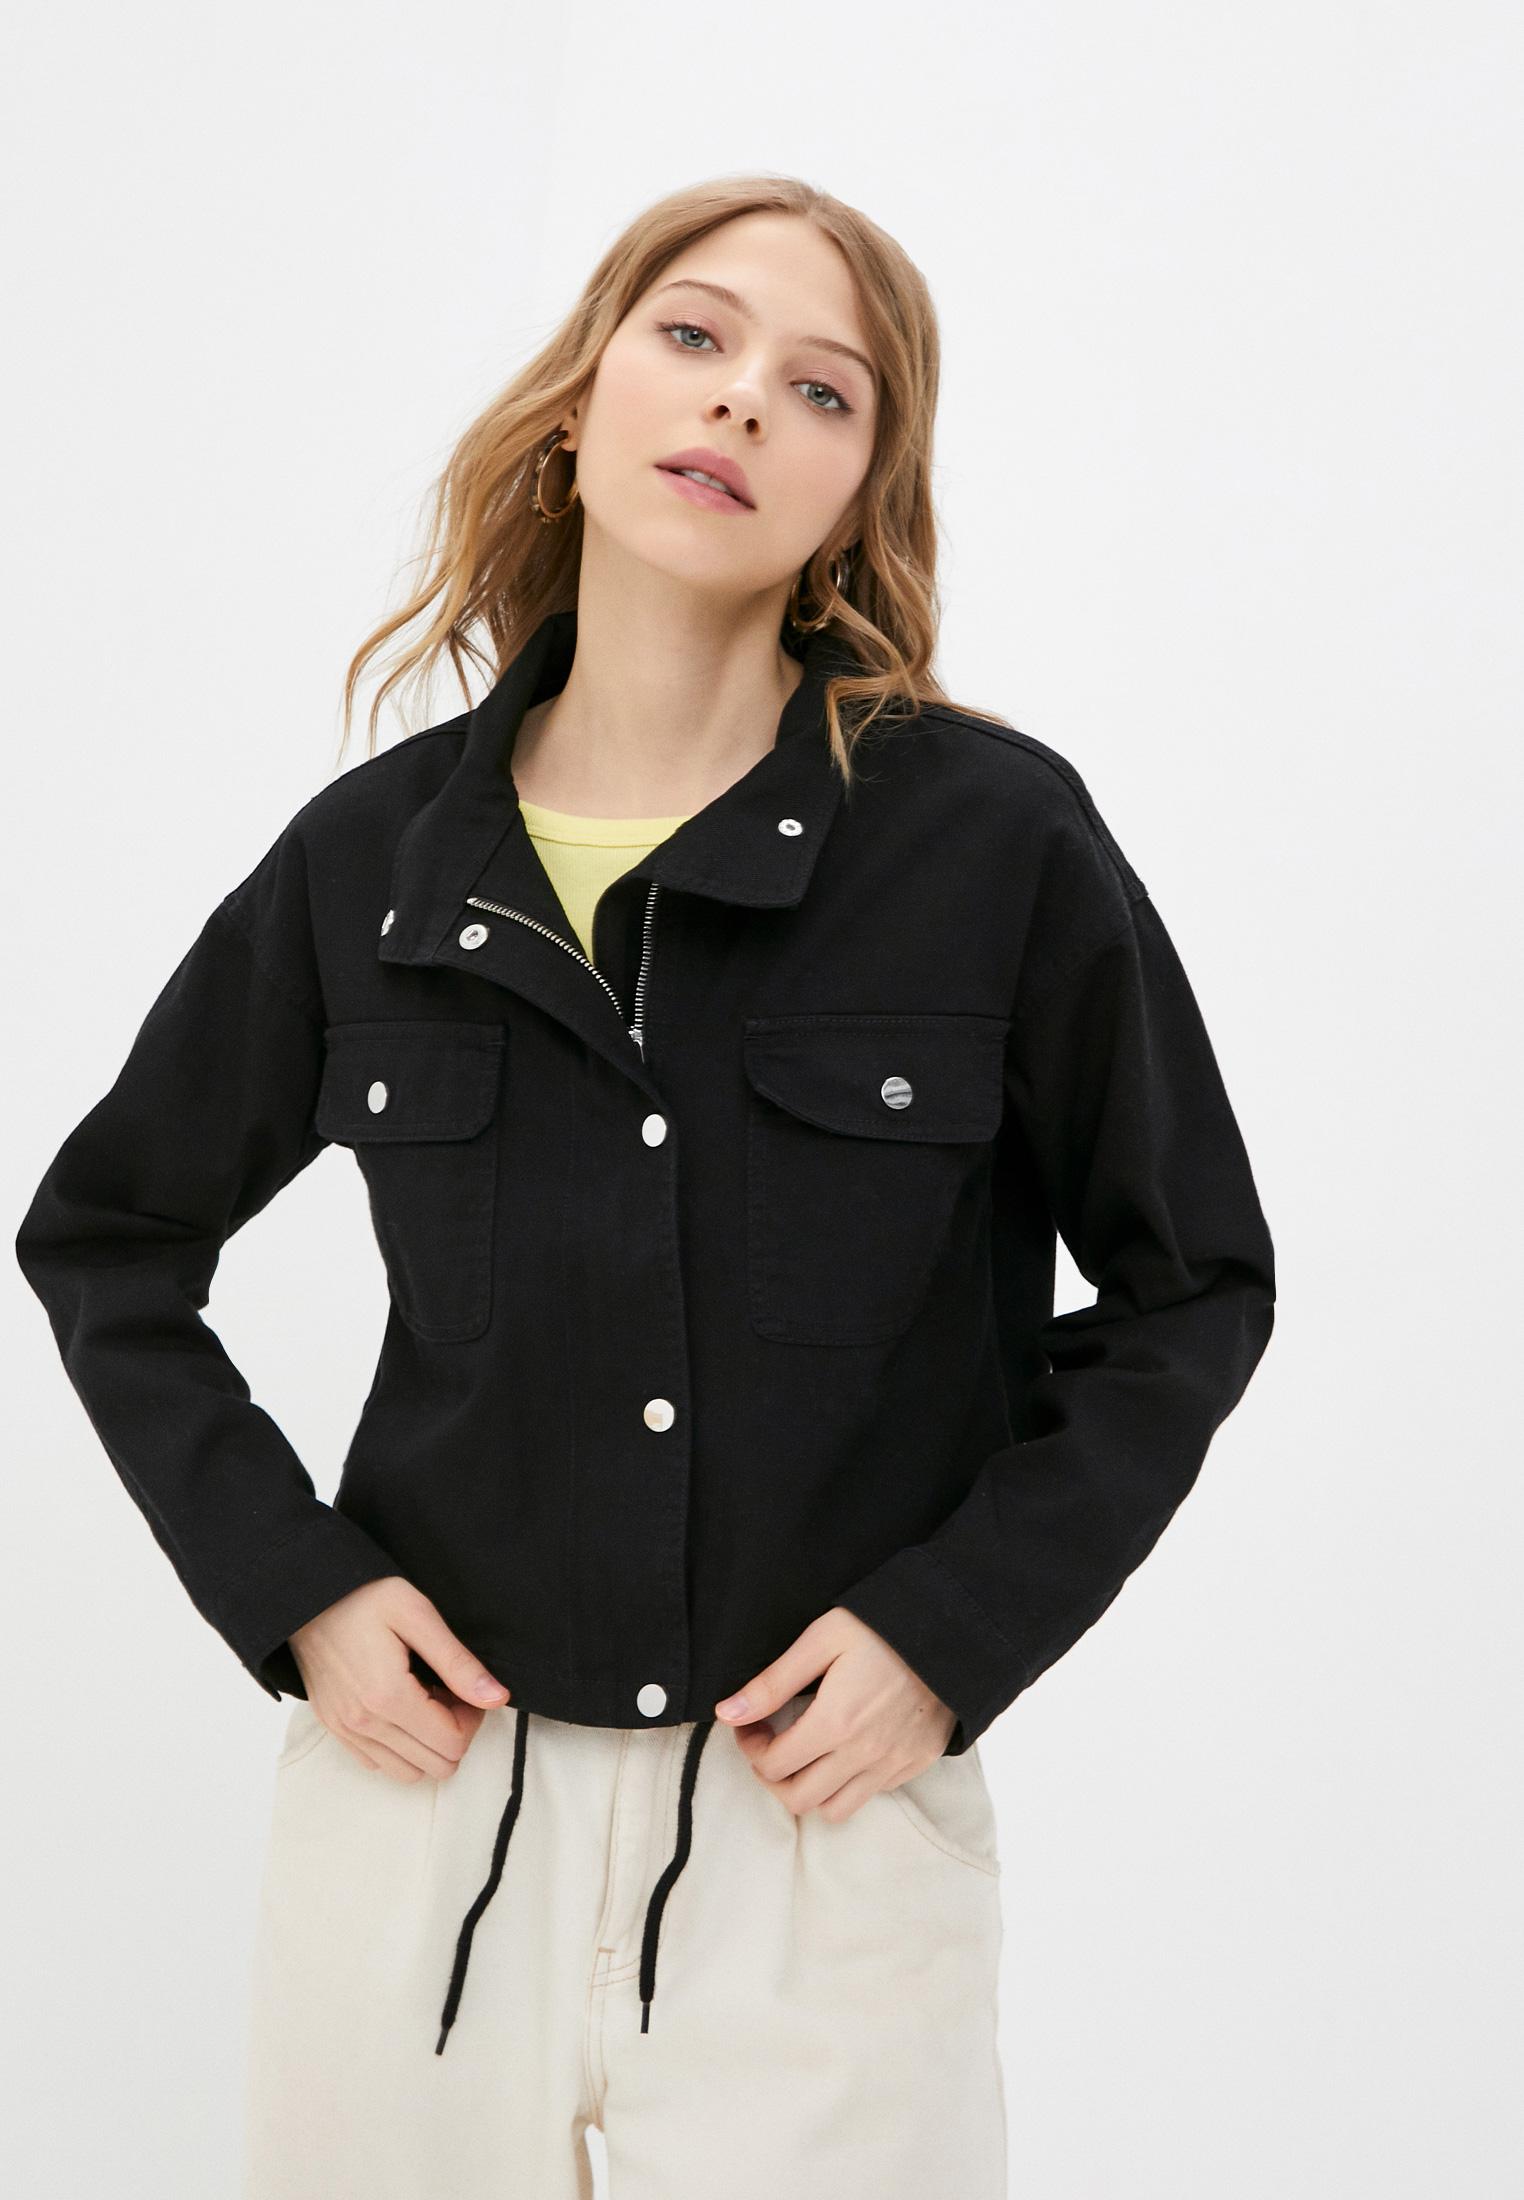 Джинсовая куртка Jacqueline de Yong Куртка джинсовая Jacqueline de Yong